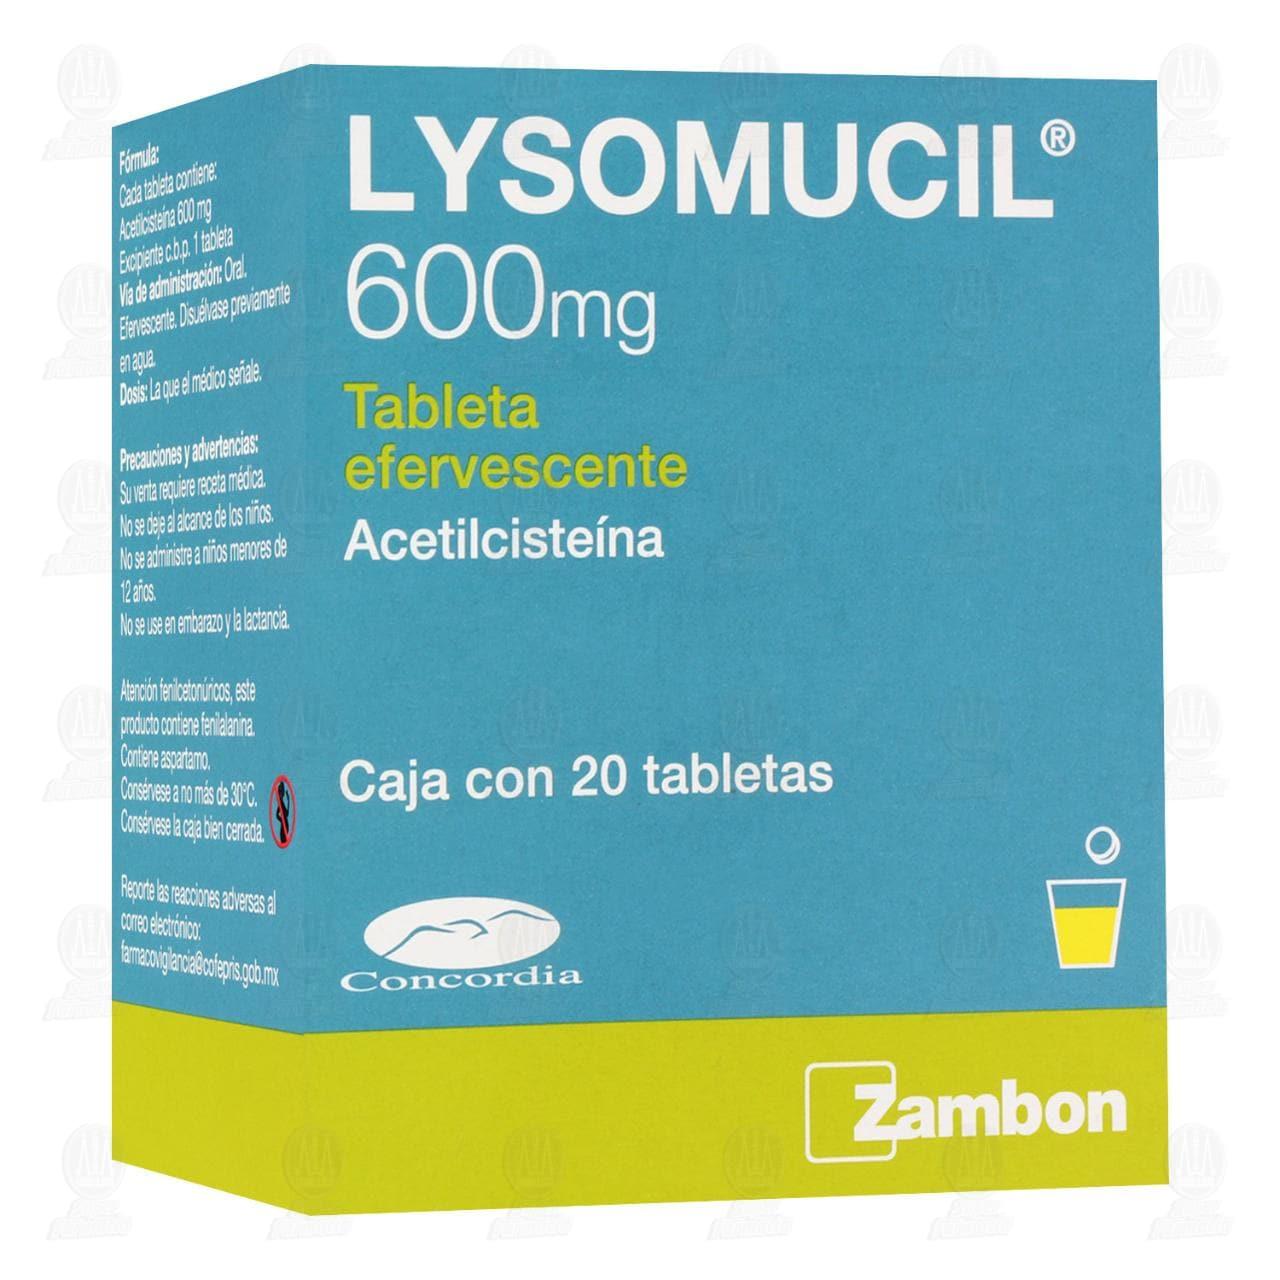 Comprar Lysomucil 600mg 20 Tabletas Efervescentes en Farmacias Guadalajara